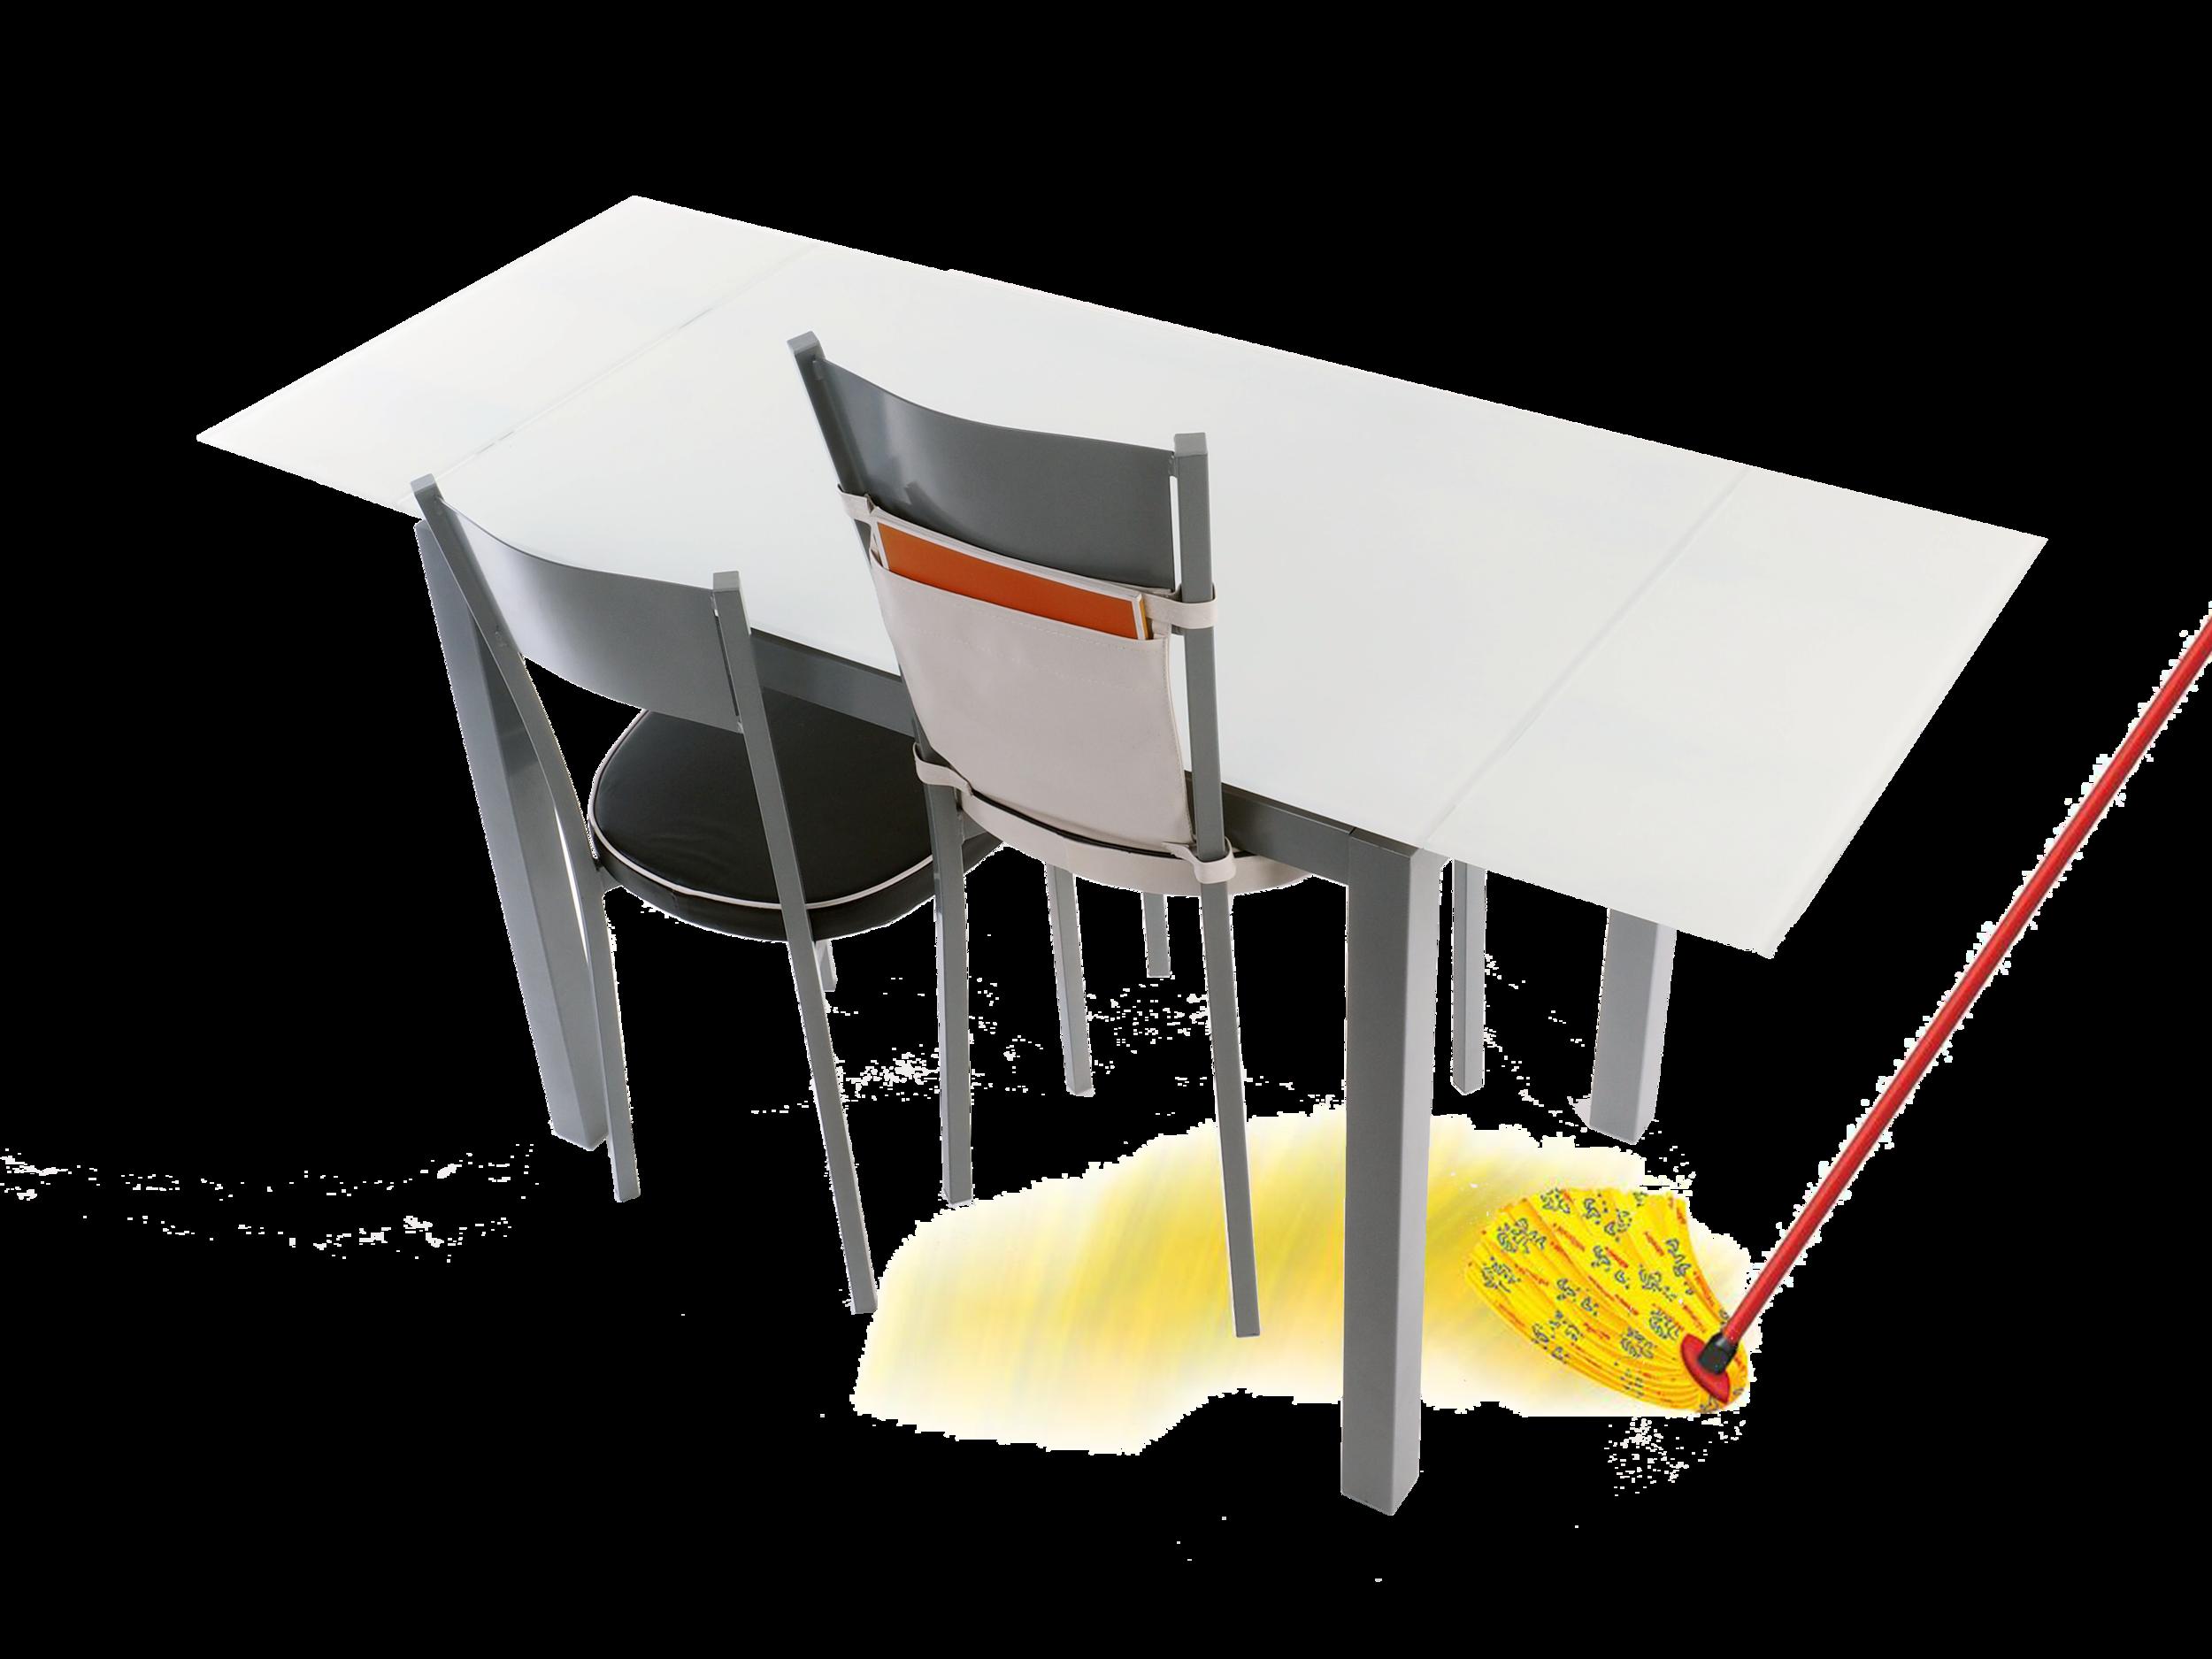 PRÁTICA Table